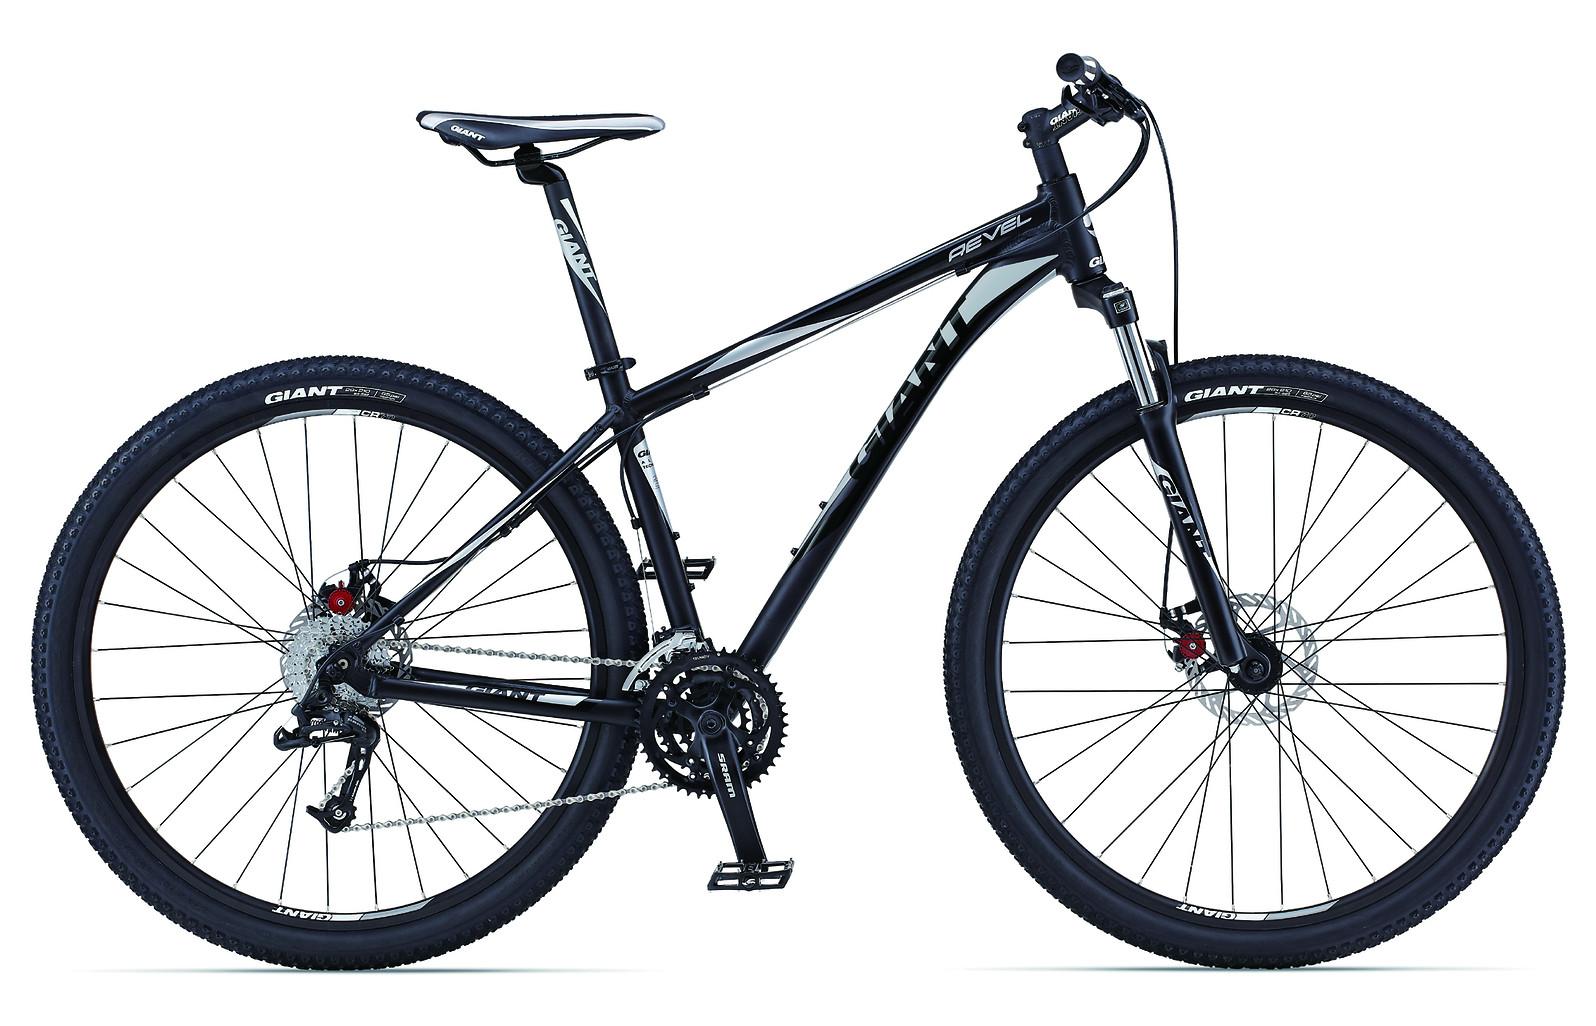 2013 Giant Revel 29er 0 Bike Revel_29er_0_v1